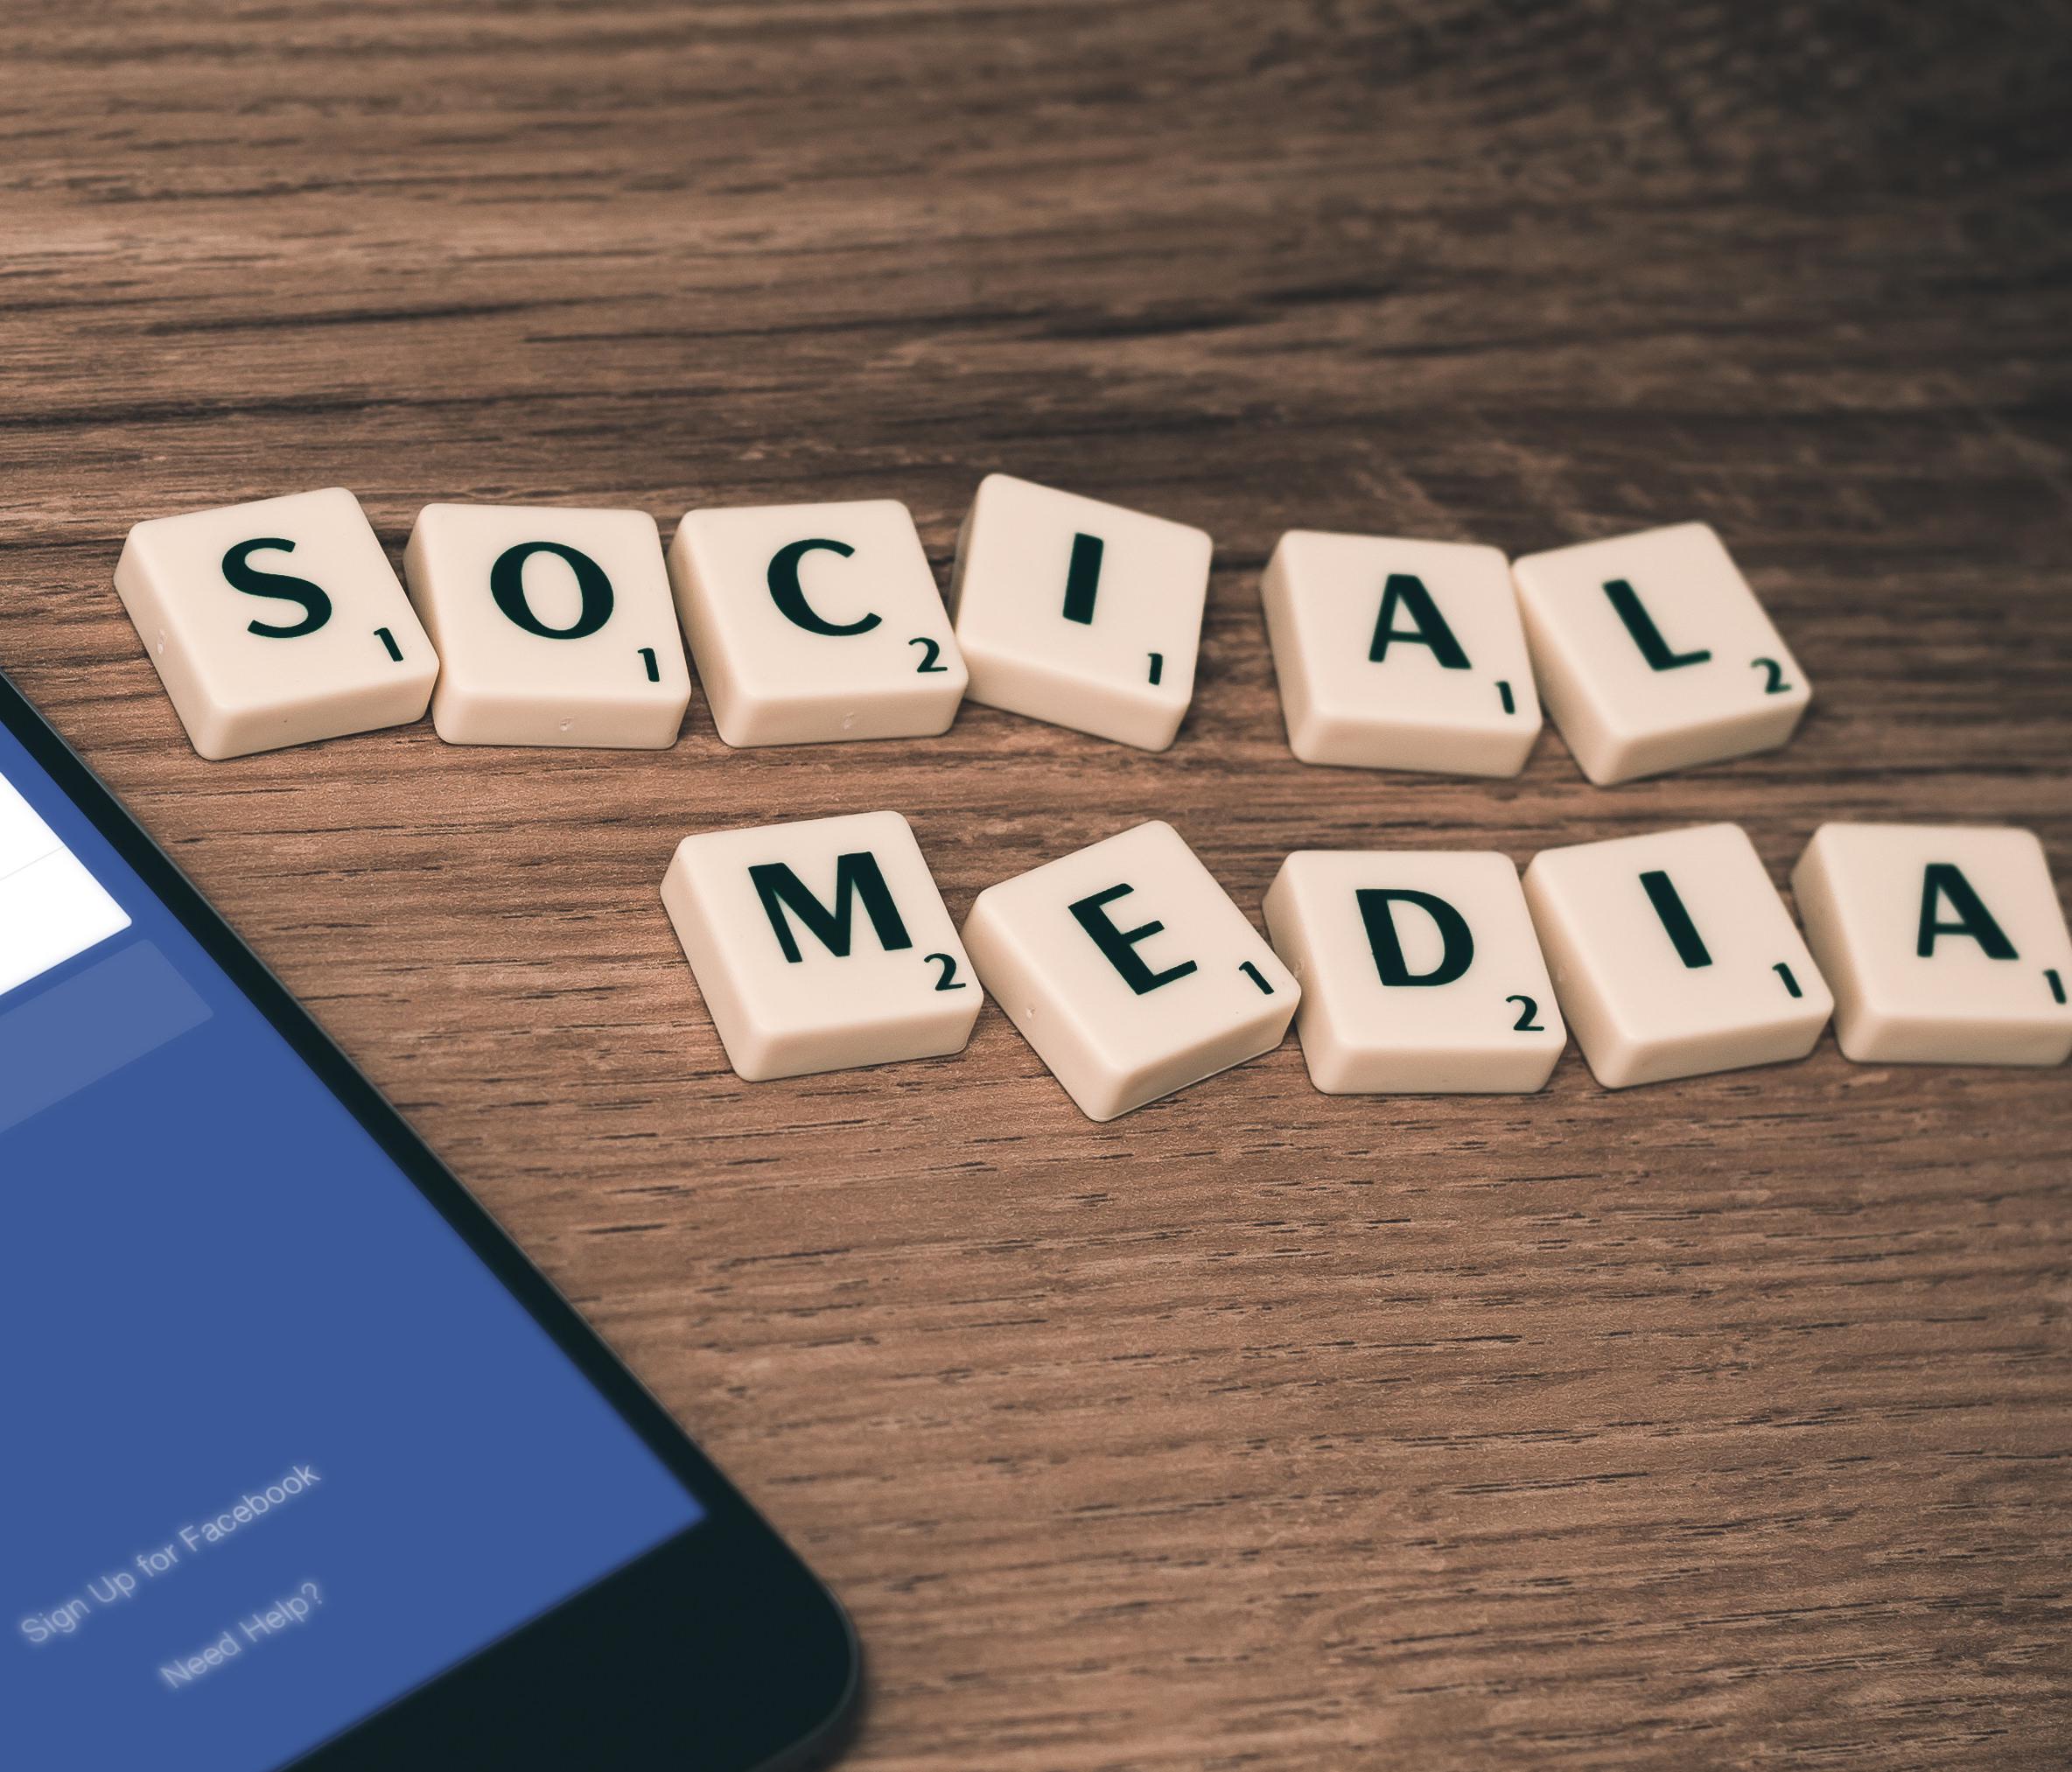 Social Media Banco de España El Banco de España aboga por la transparencia abriendo su cuenta en twitter